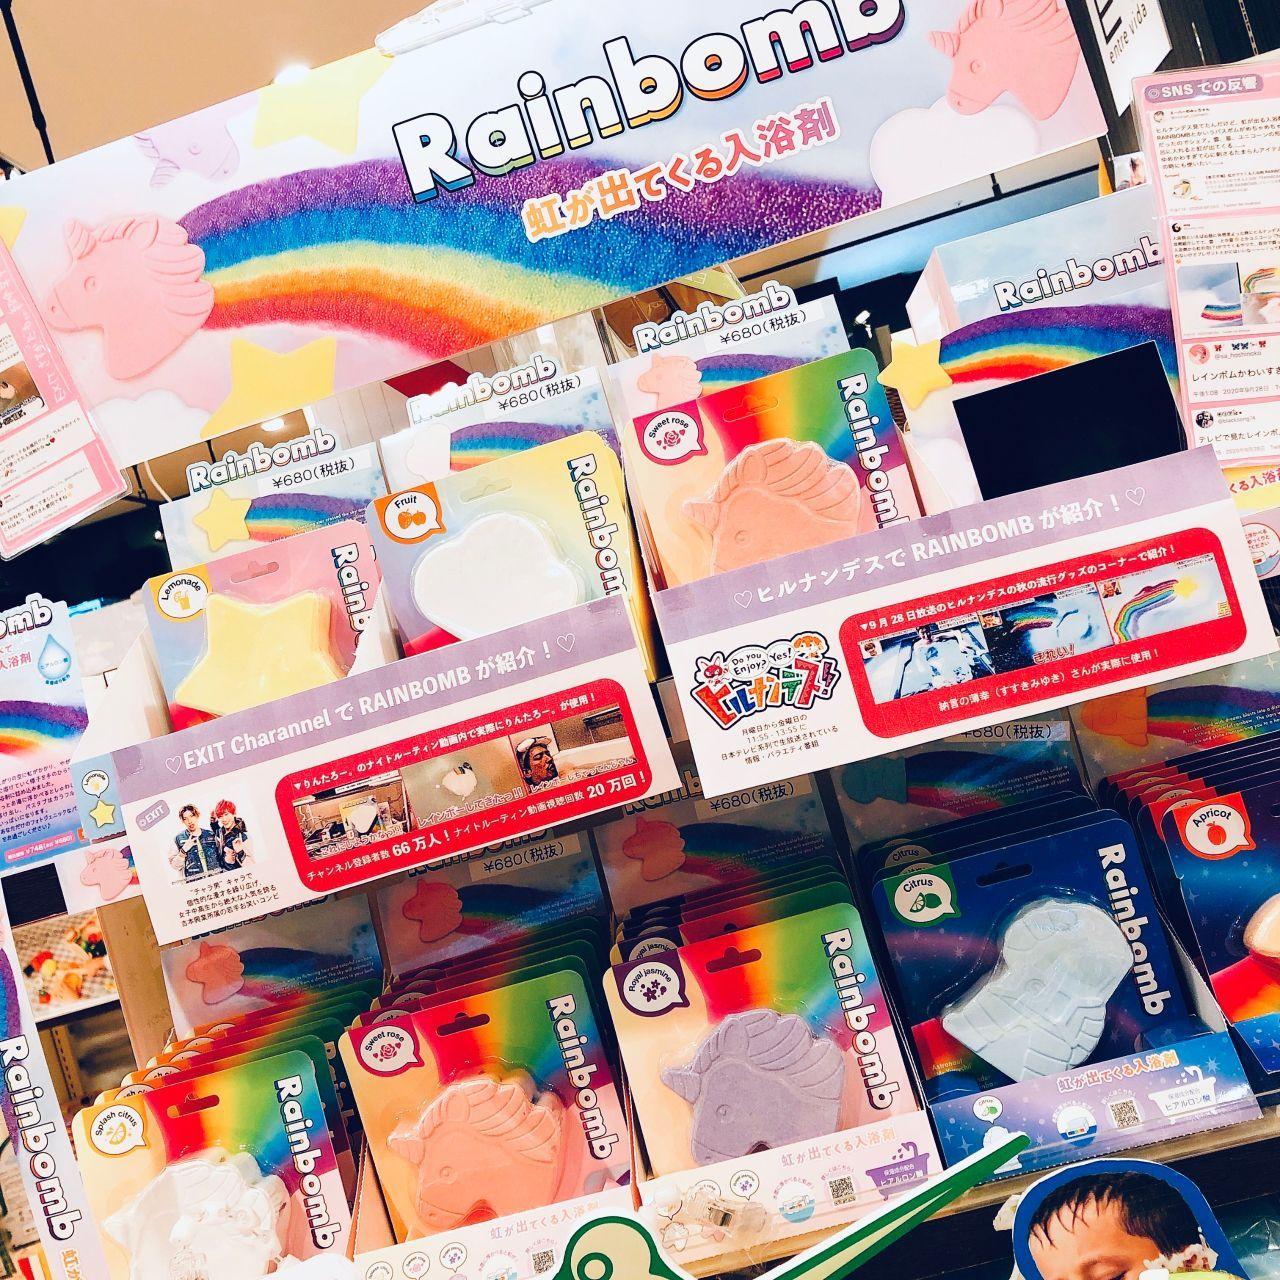 「【メディアで話題沸騰】虹が出てくる入浴剤☆レインボム」の写真